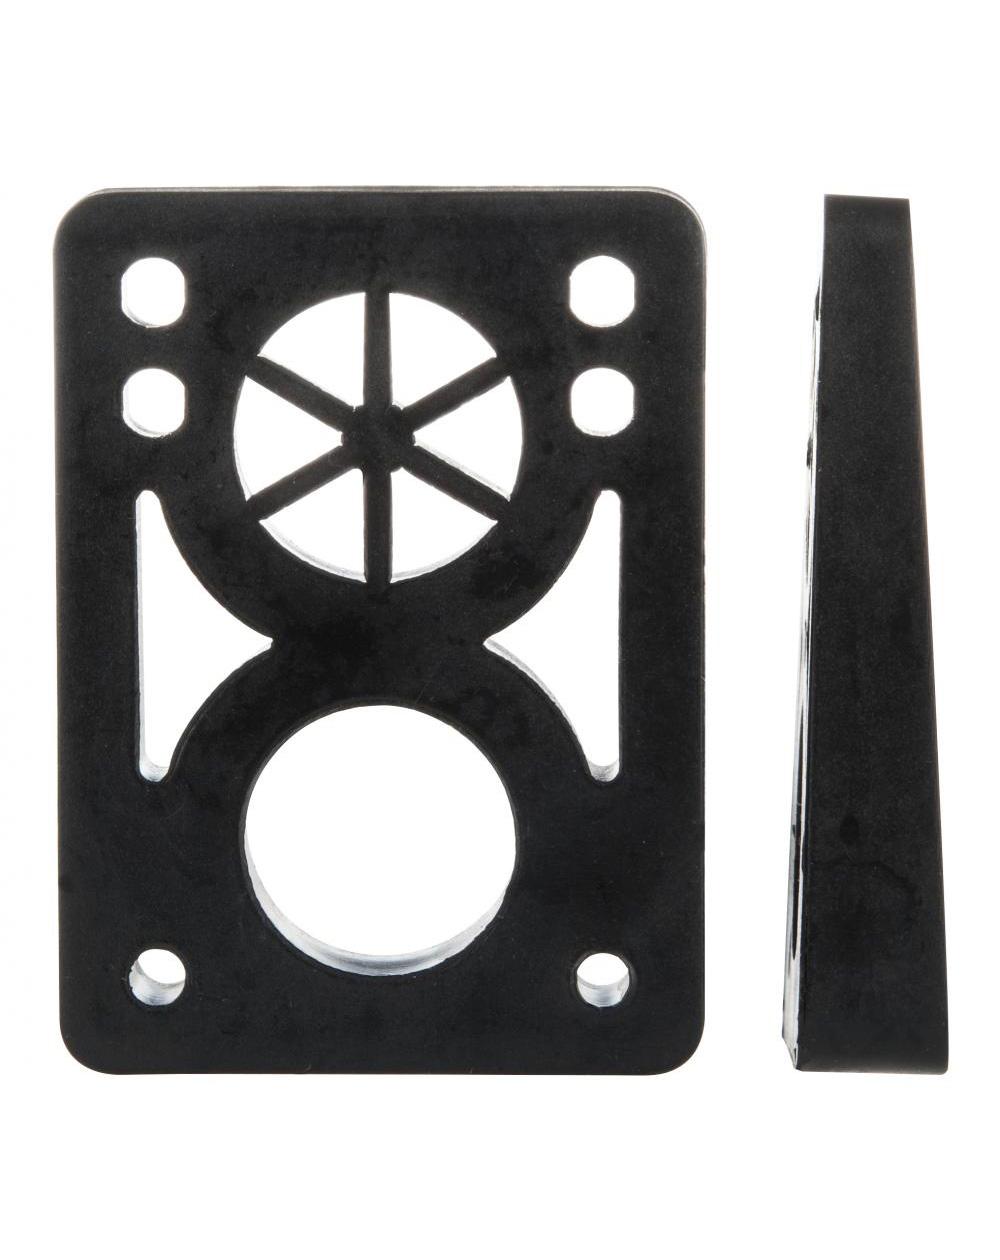 D-Street Soft Wedge 8 to 14 mm Skateboard Baseplates Black 2 er Pack